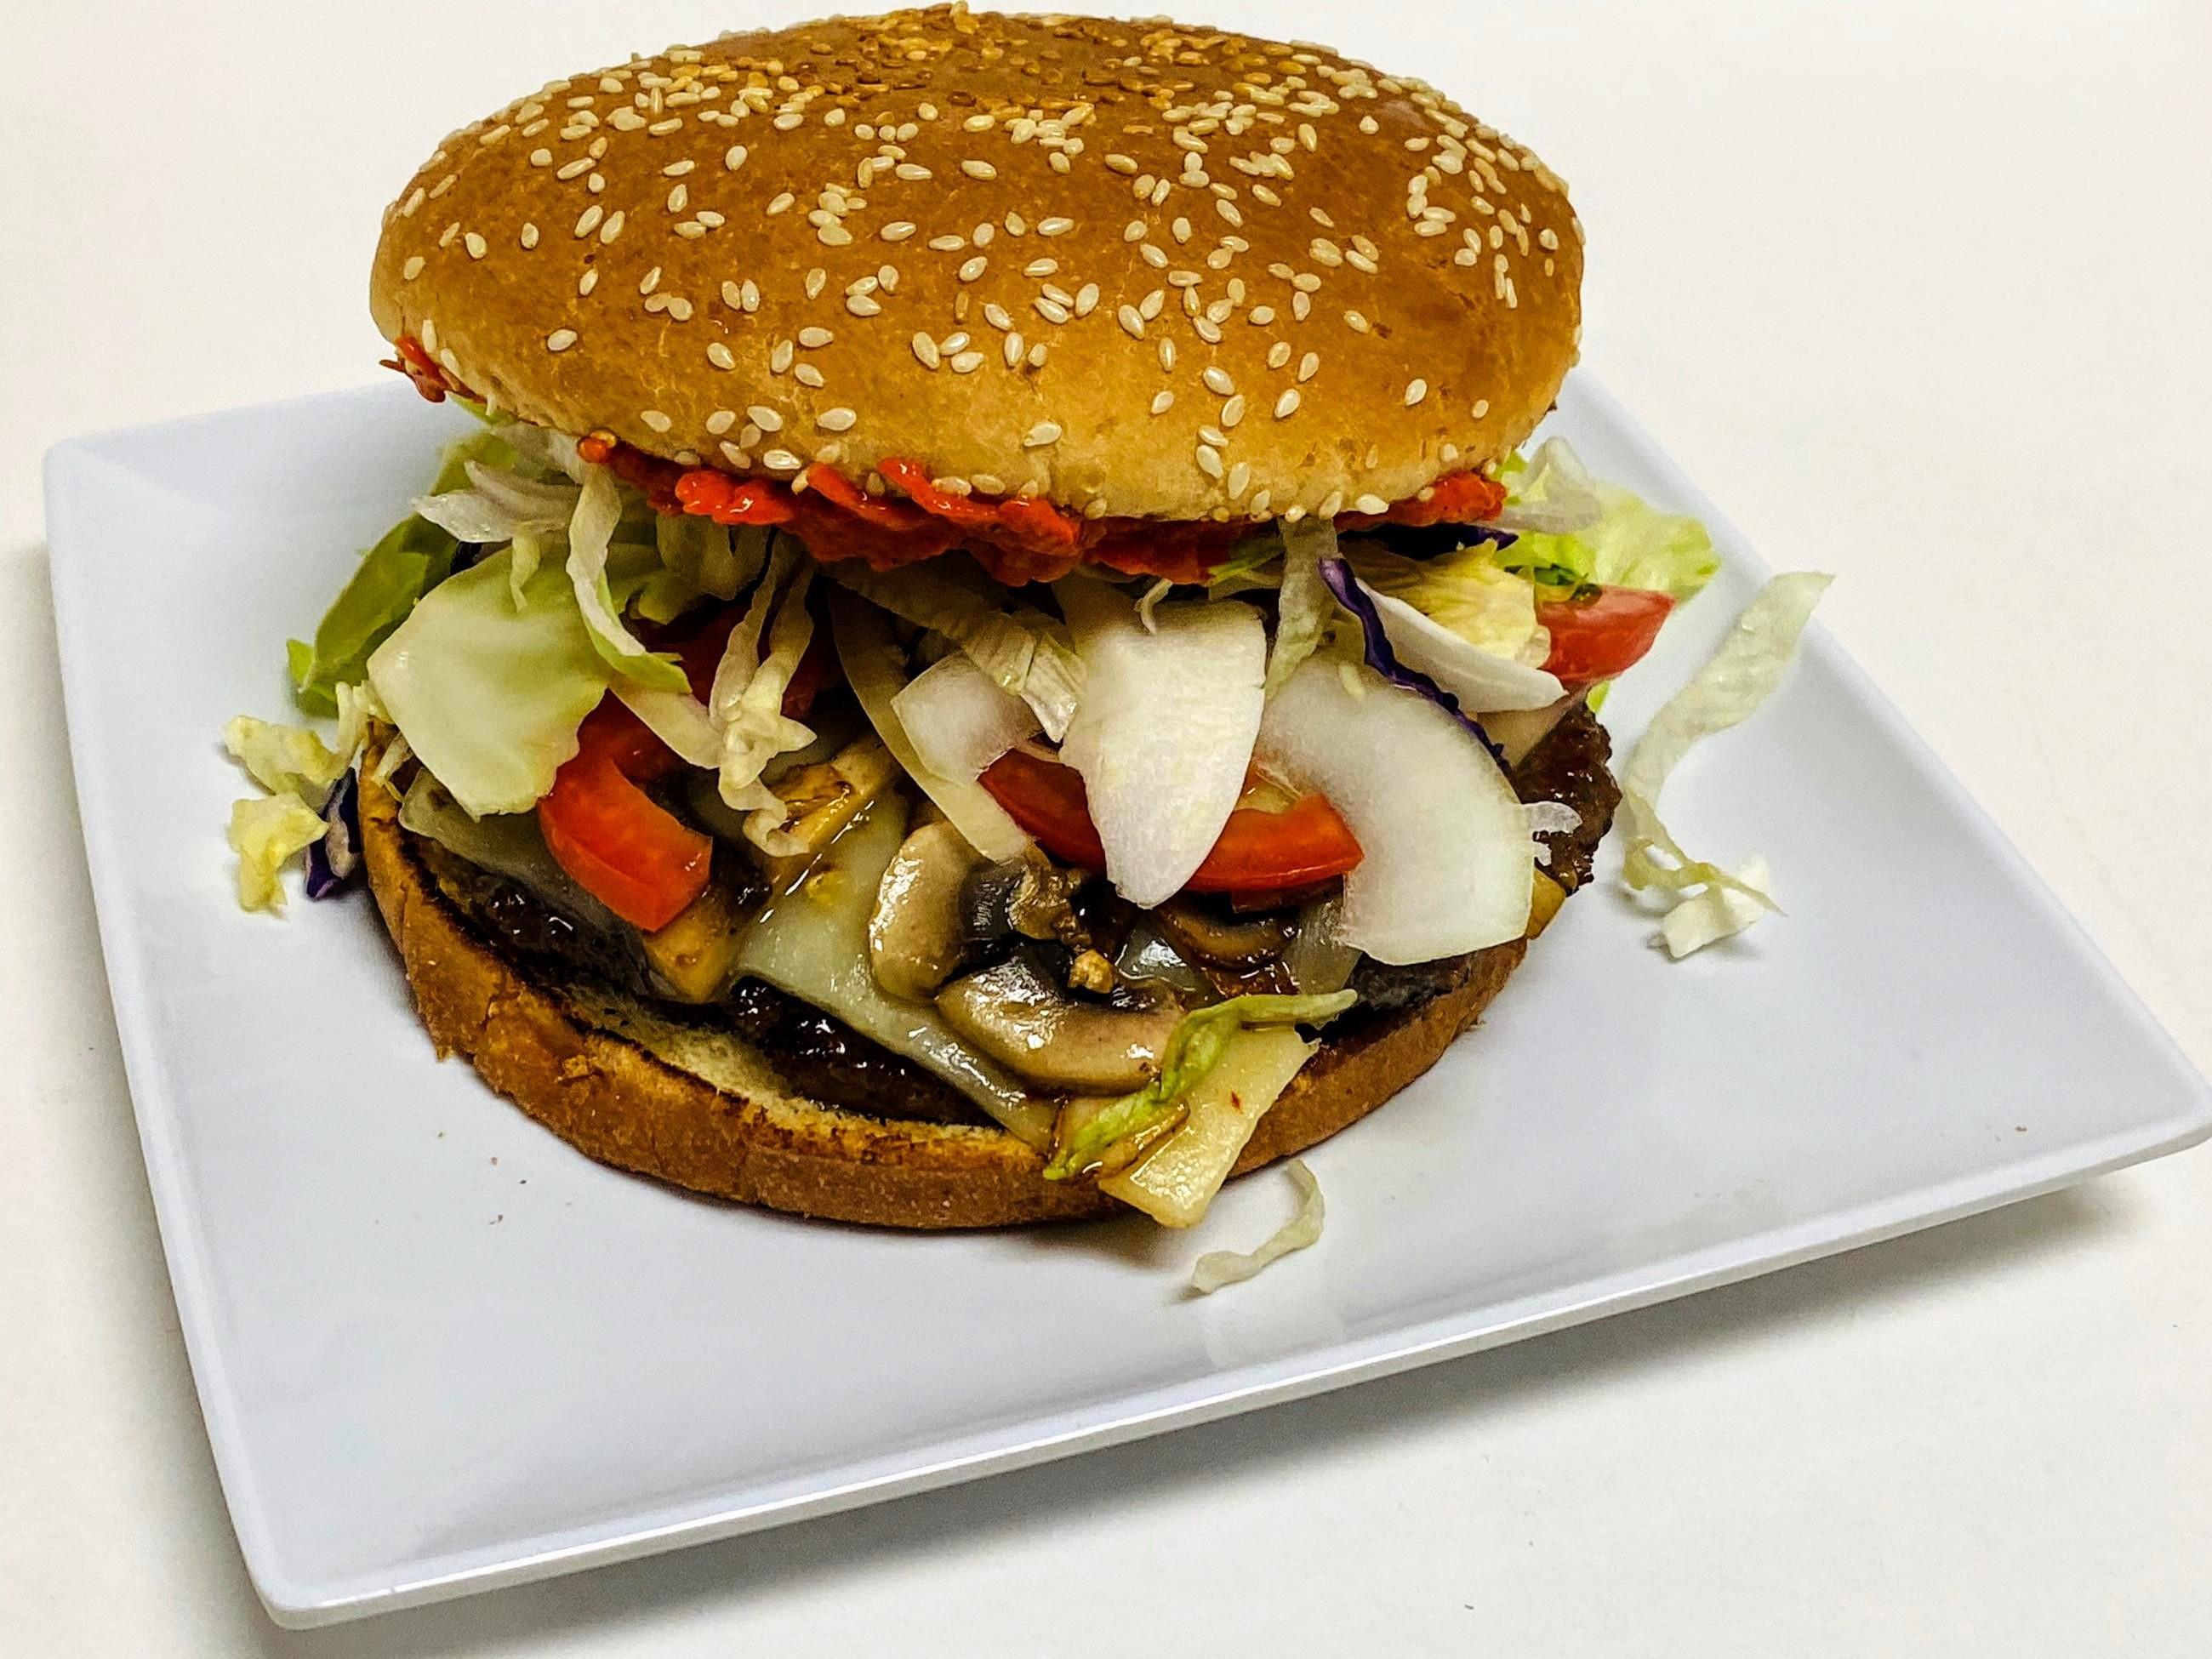 Adriatic Burger